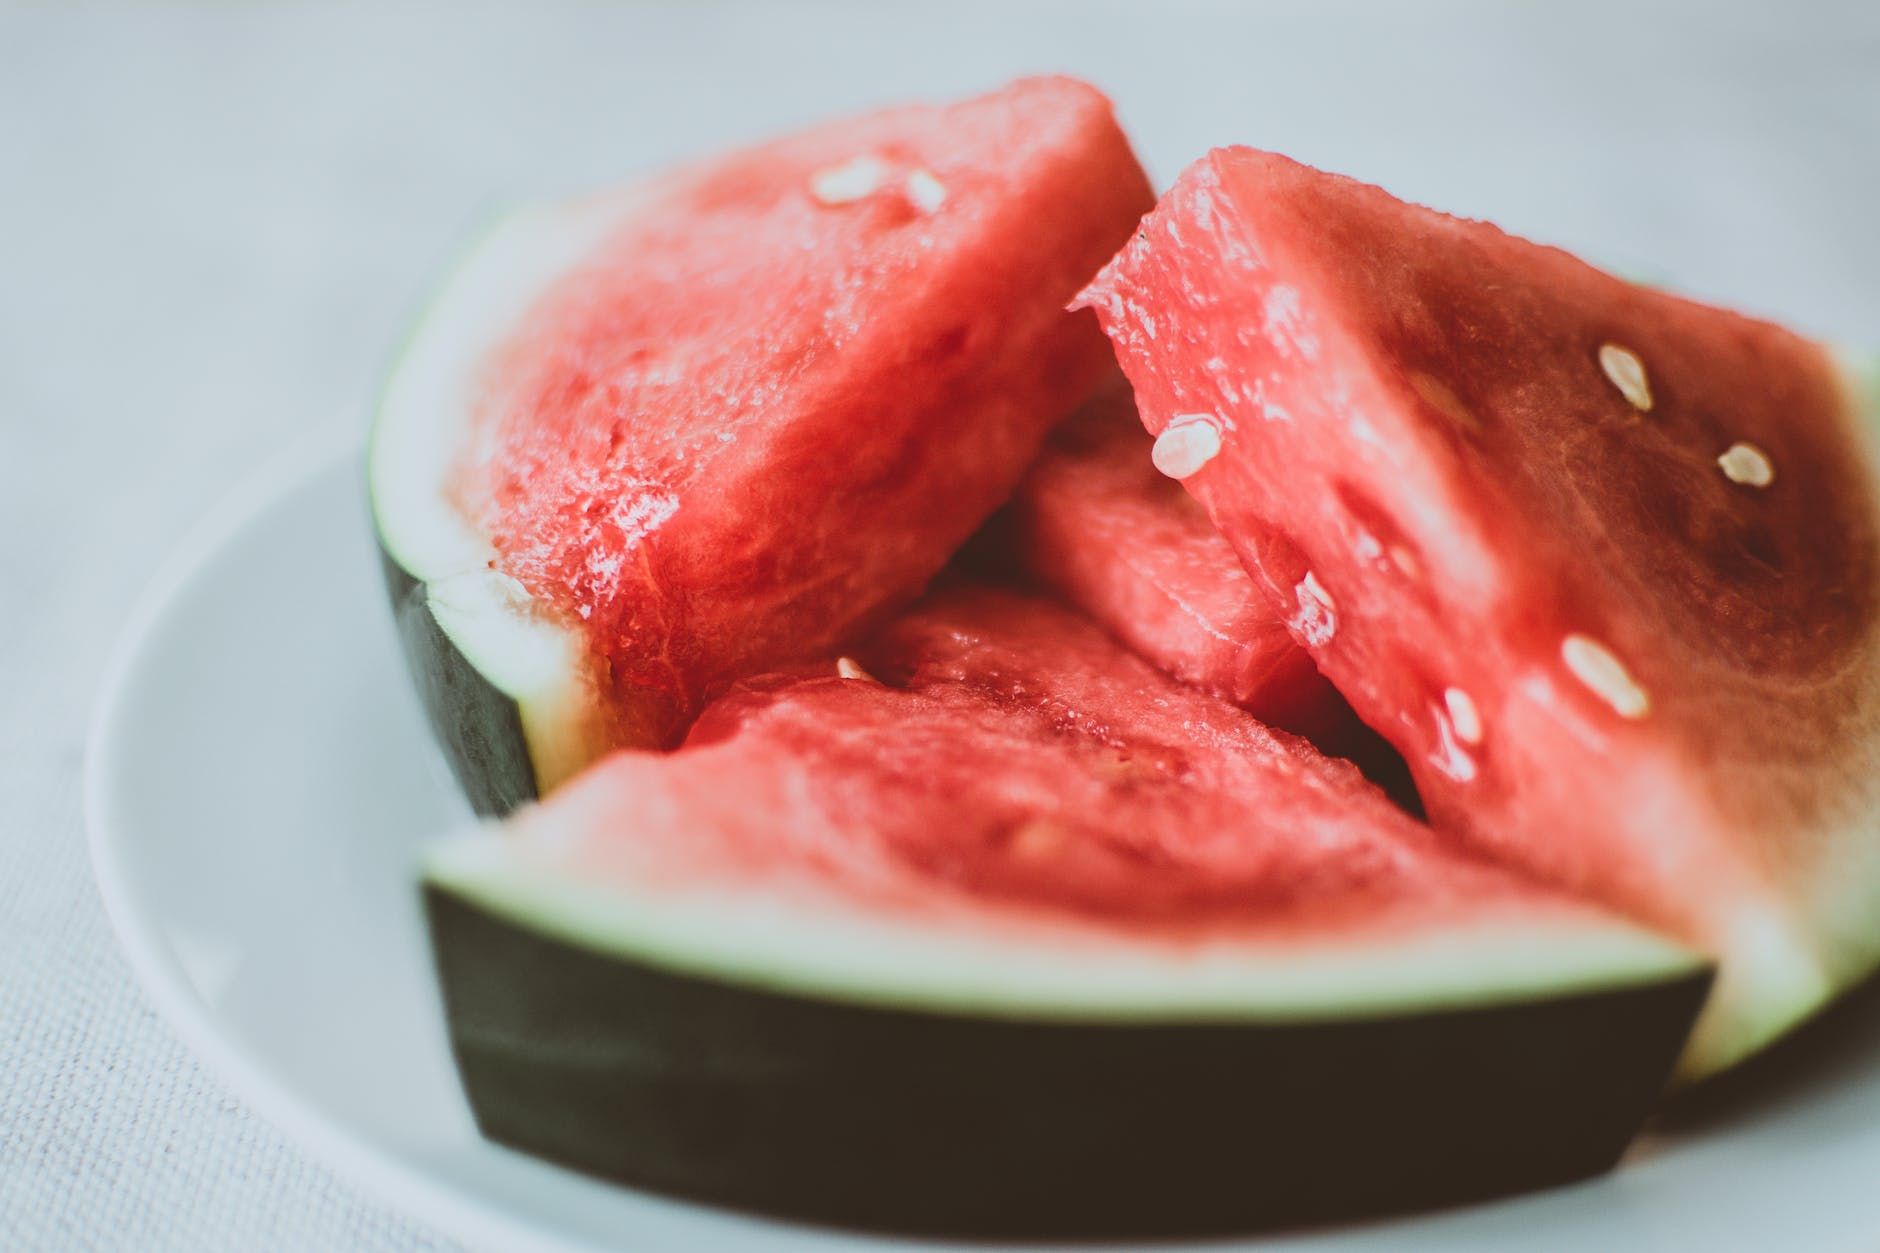 comida-delicioso-dulce-fresco - Photo by Lisa Fotios